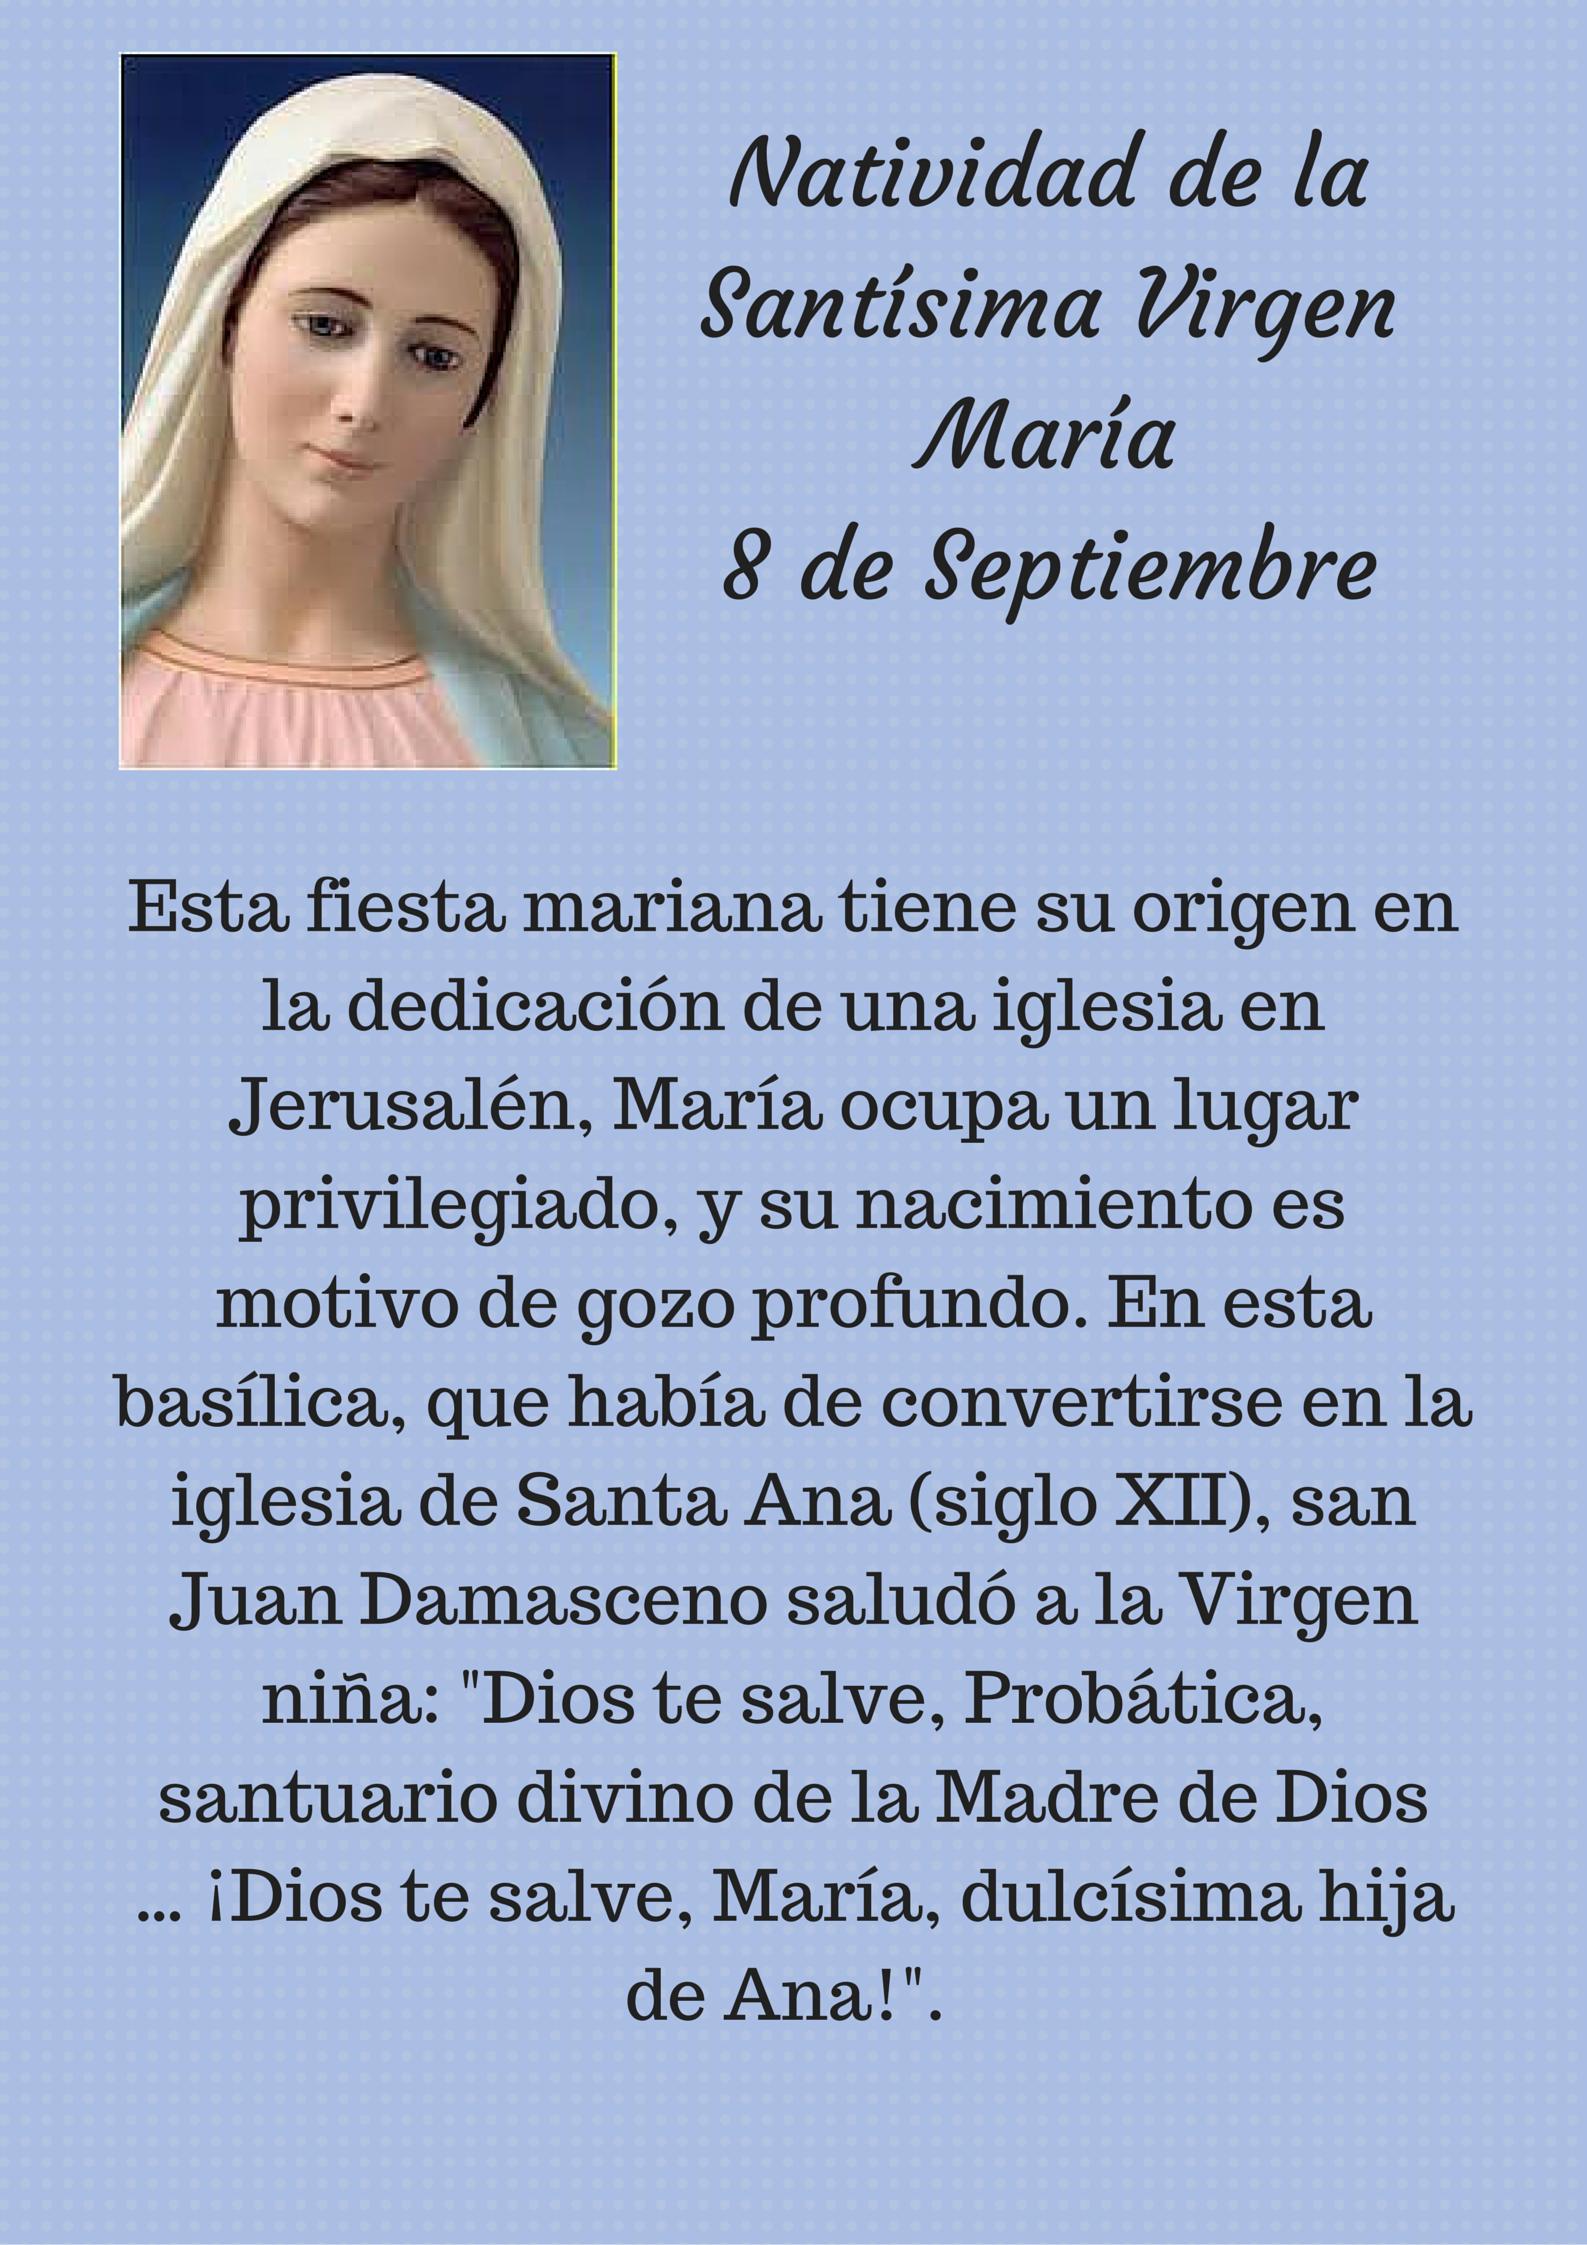 8 de Septiembre Natividad de la Santsima Virgen Mara